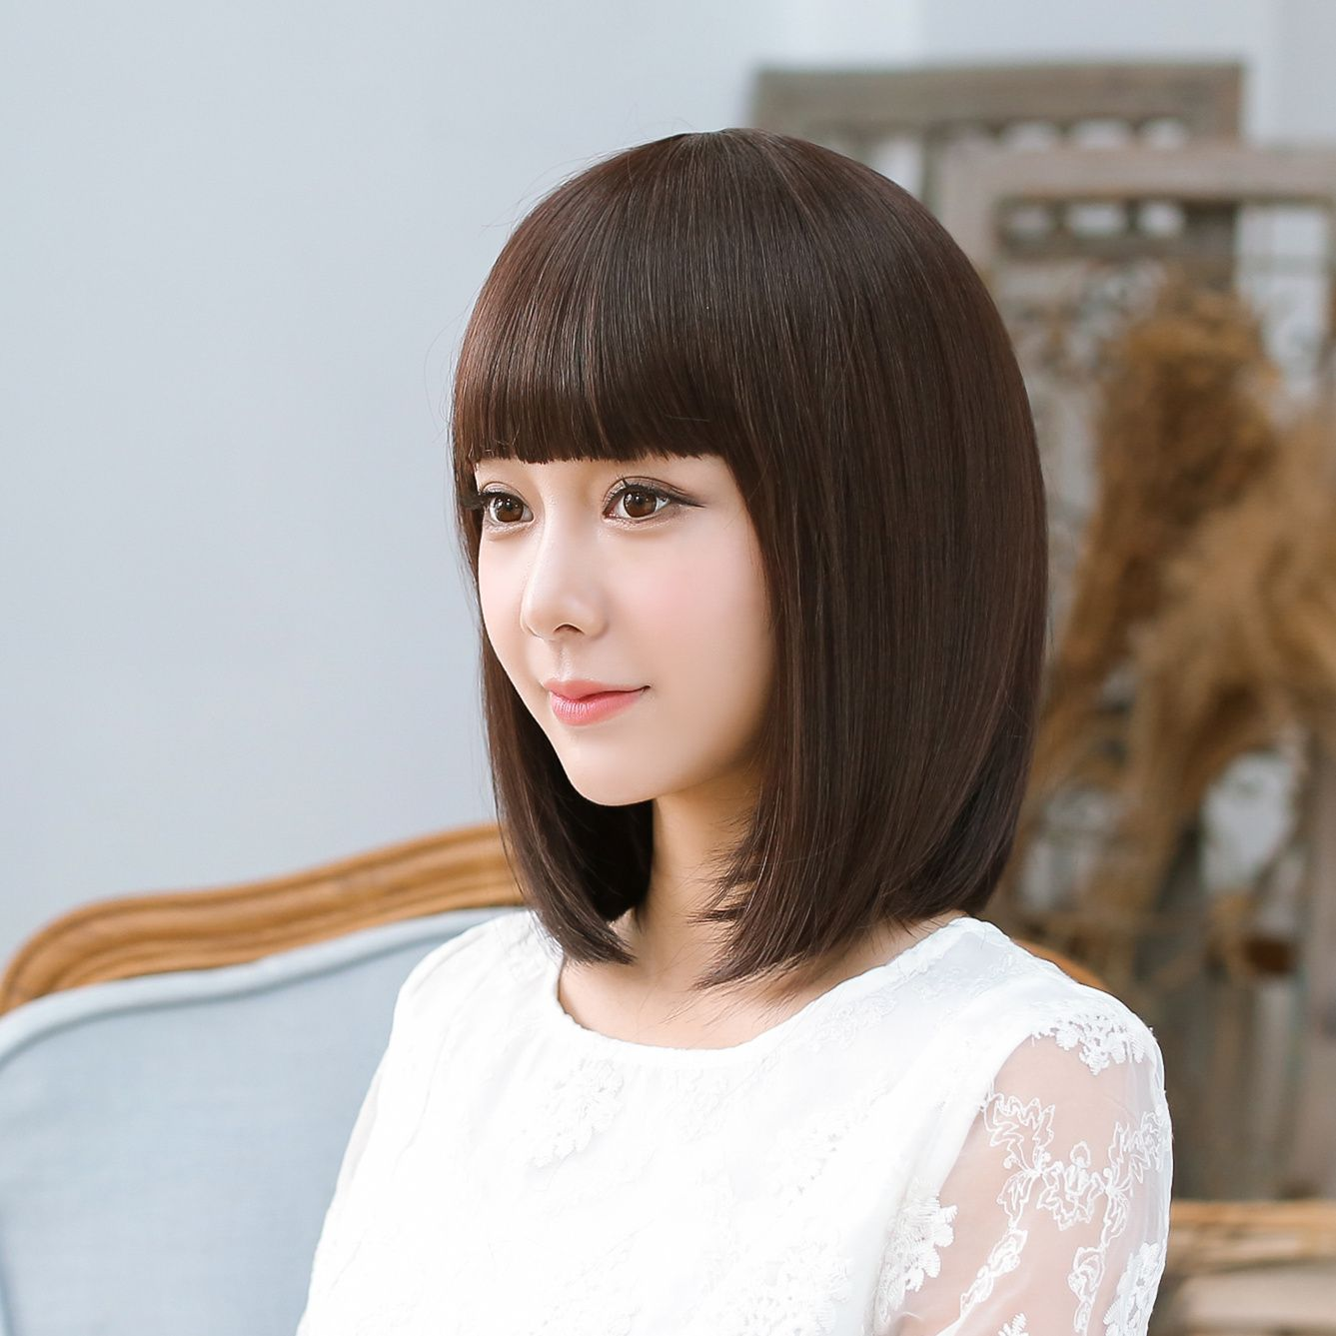 正品[假发短发女修脸]女假发短发评测 假发 短发